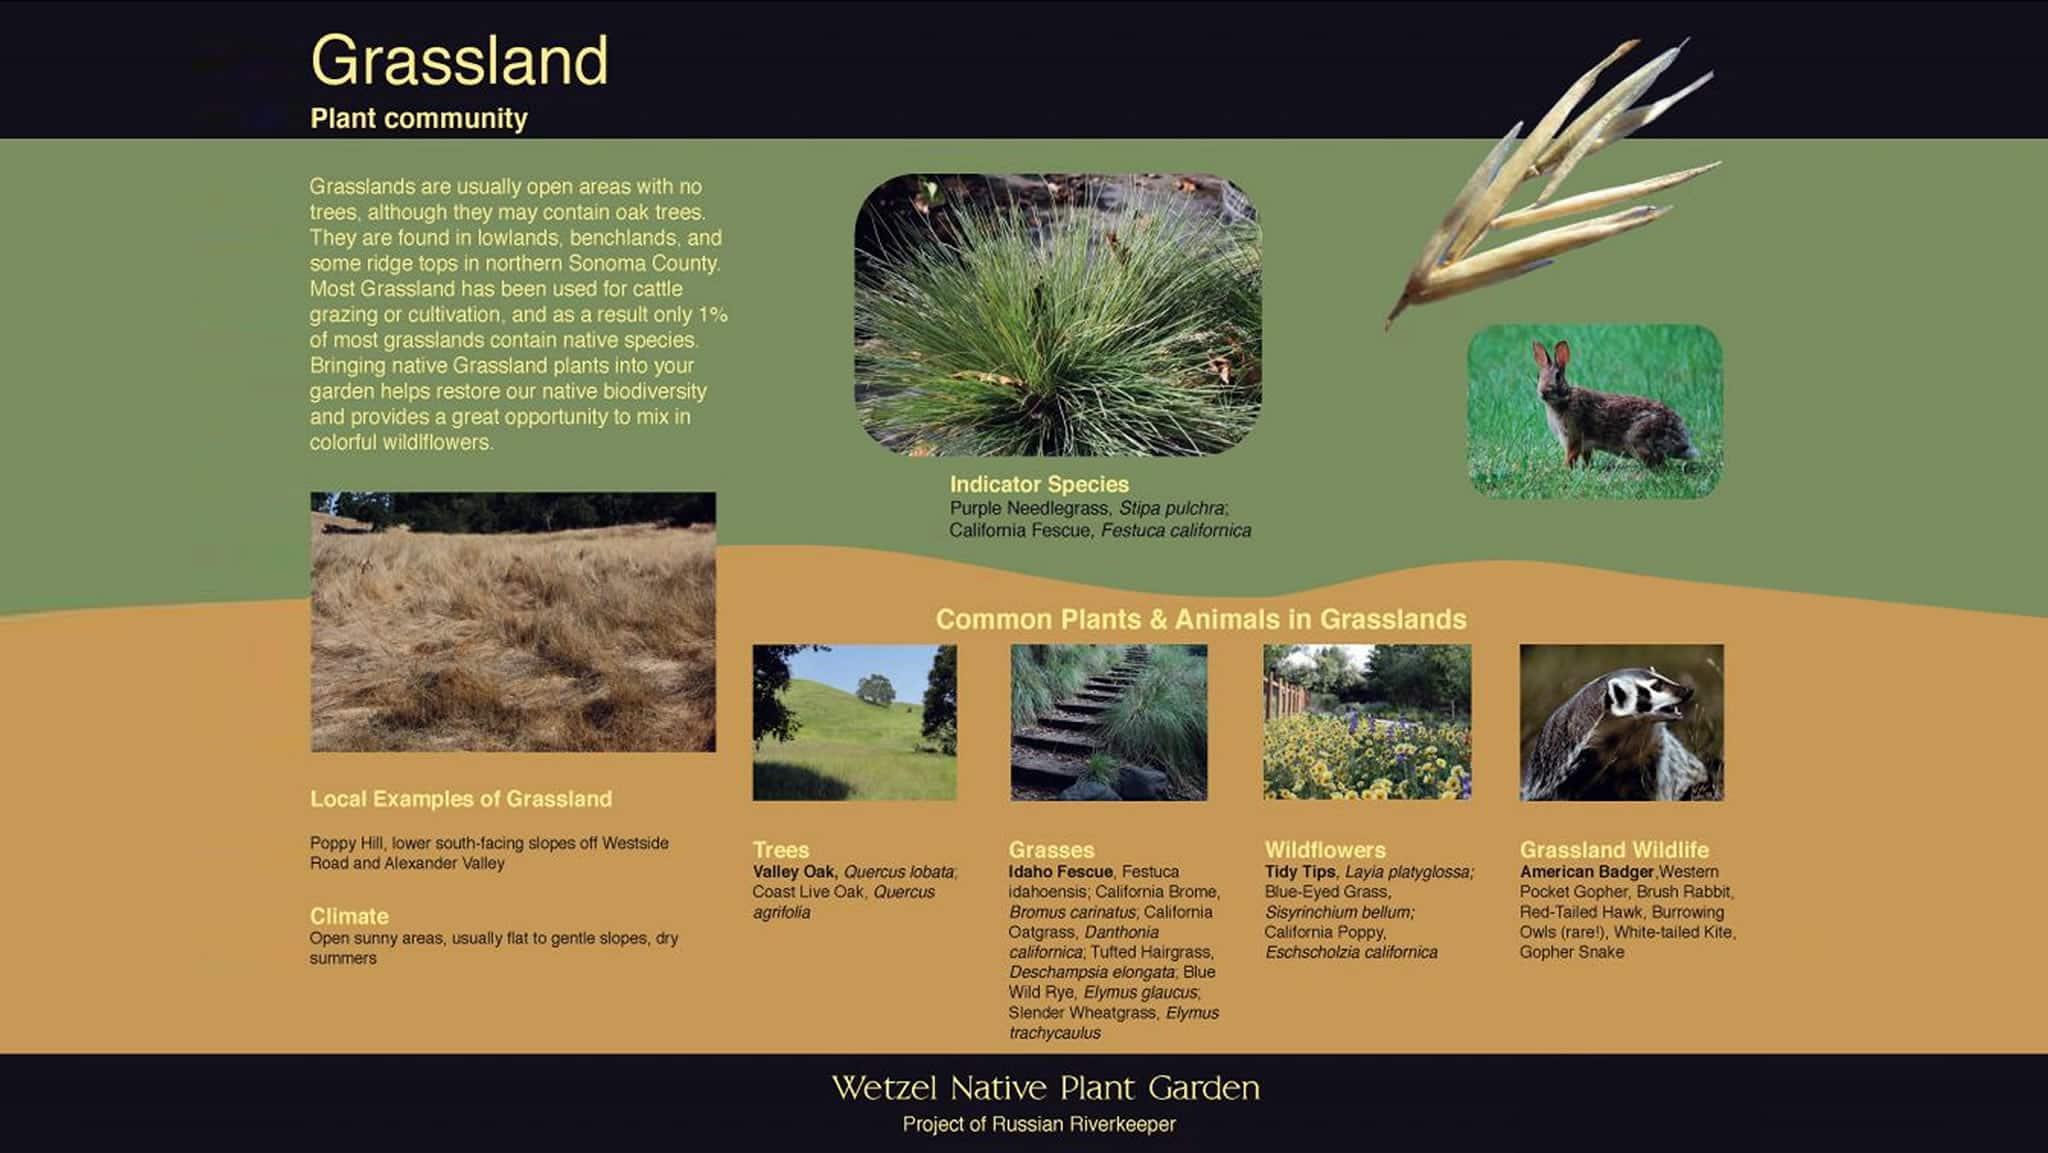 Wetzel Native Plant Garden